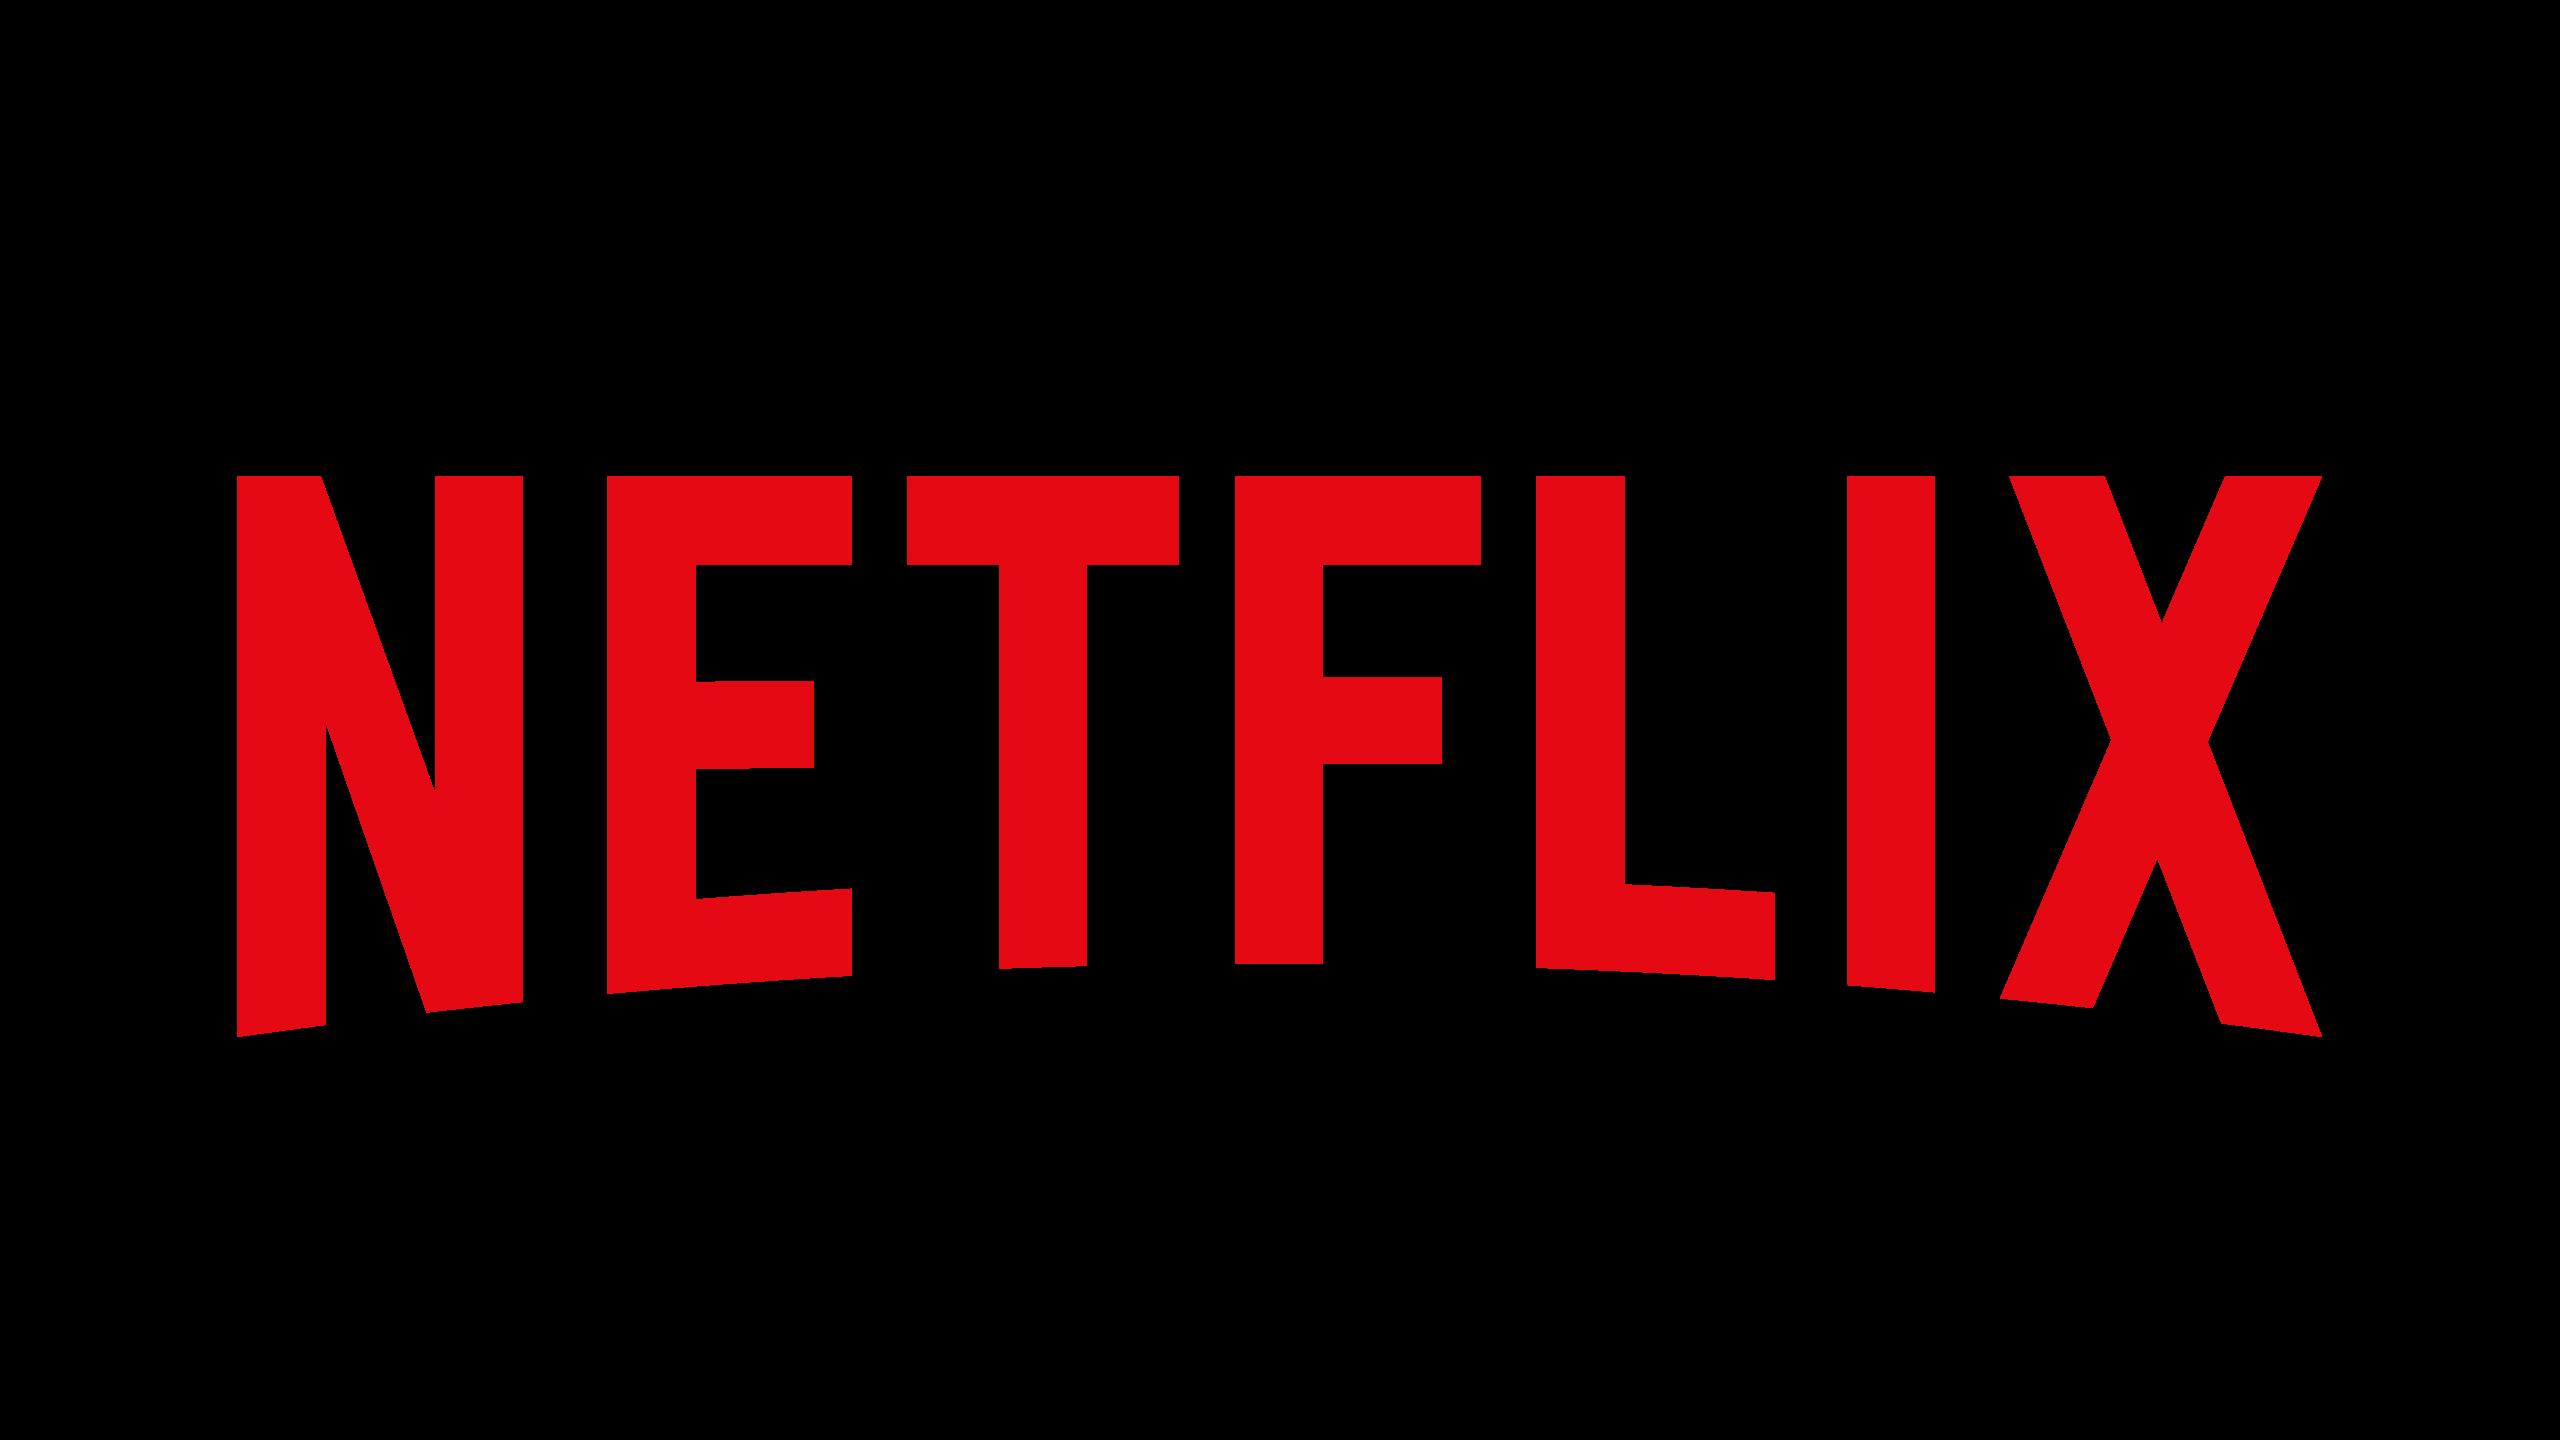 netflix_logo_digitalvideo.png